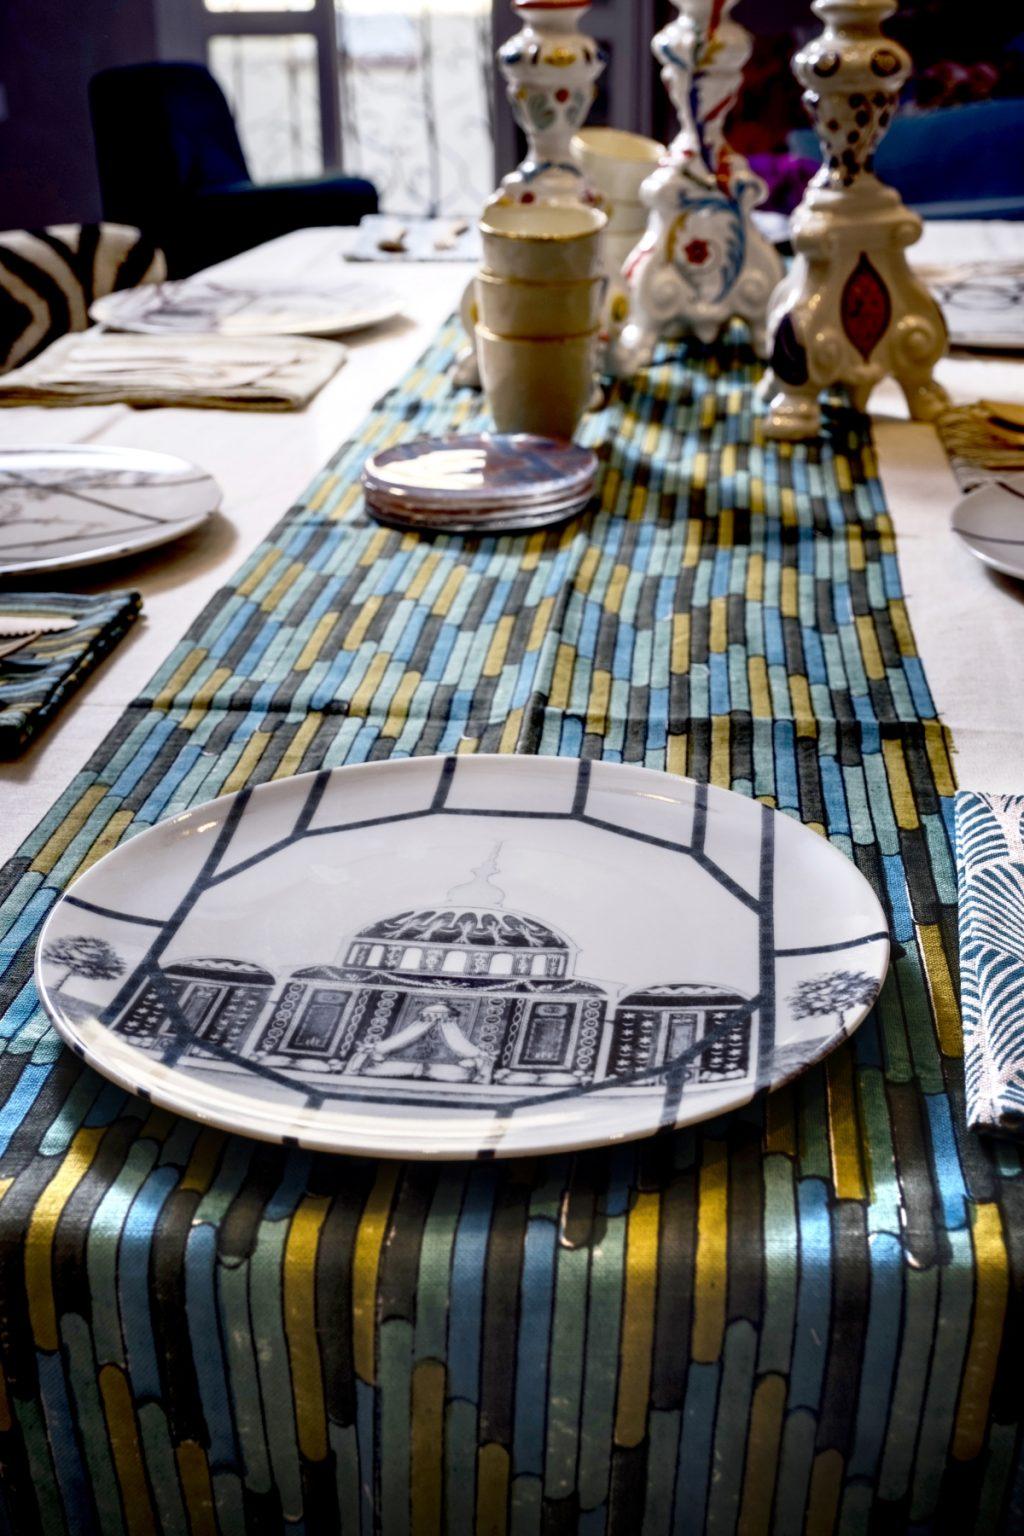 coleção de pratos Topkapi